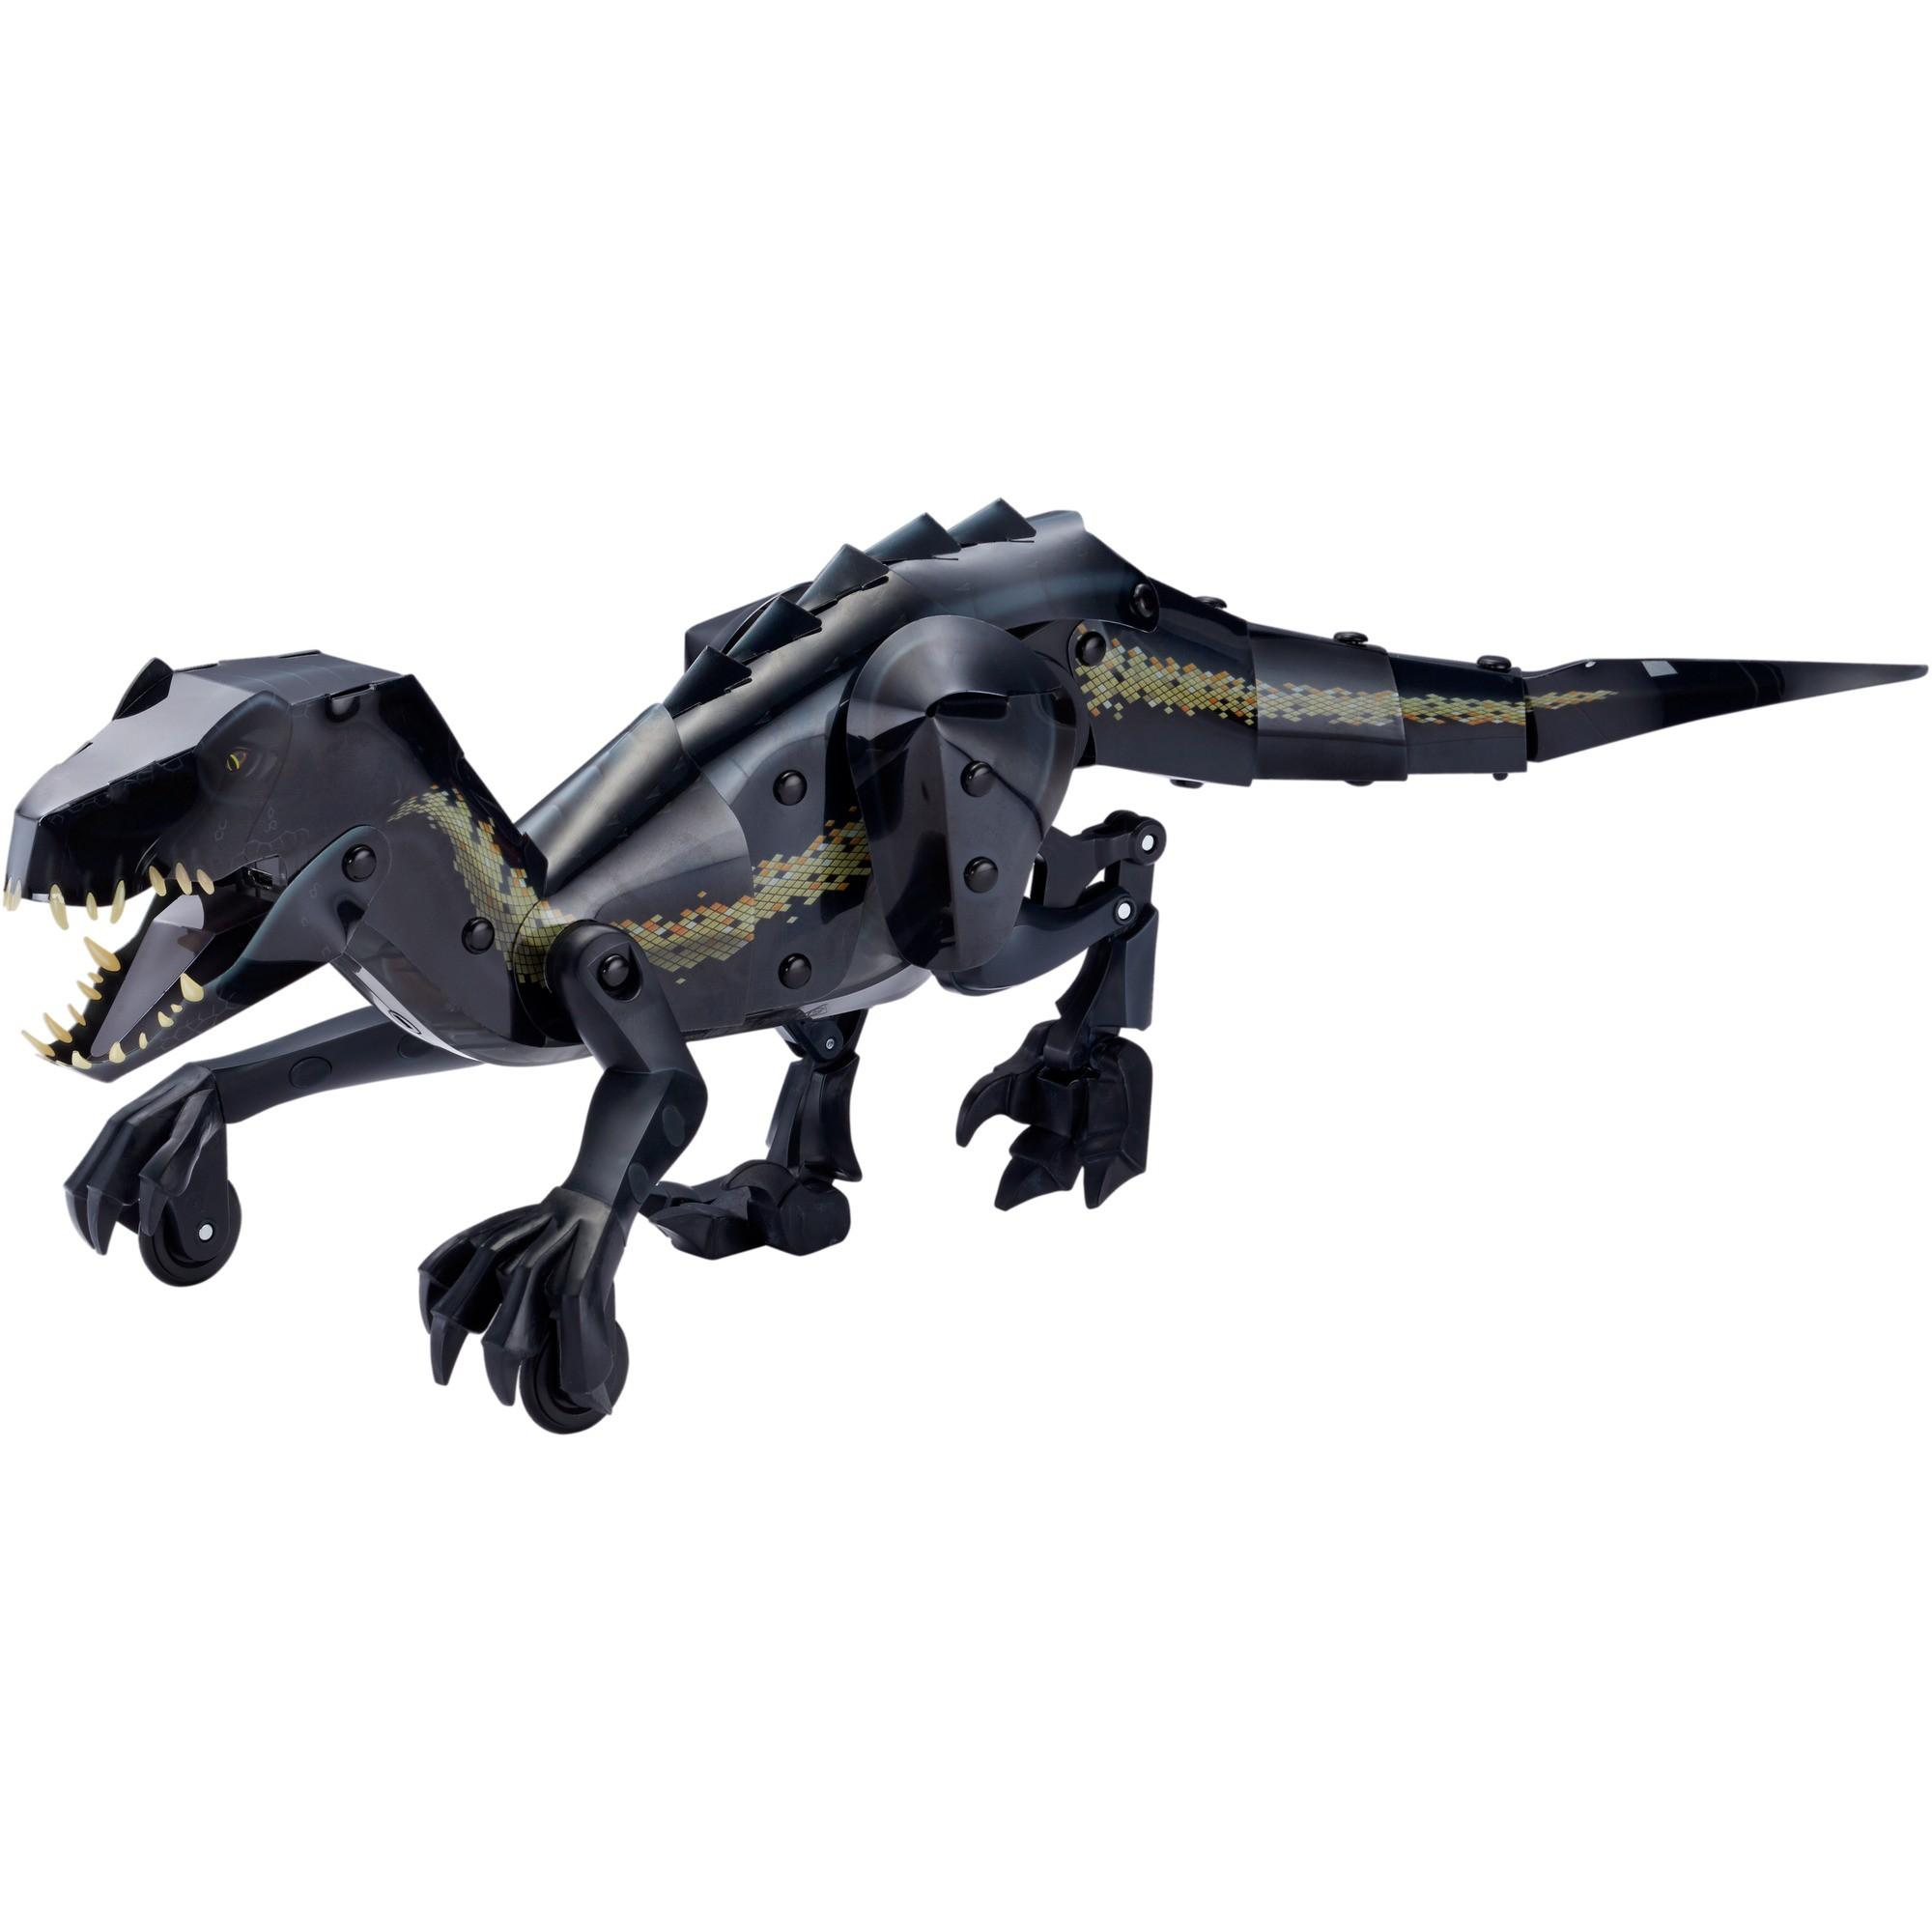 """Kamigami Jurassic World Robot """"Indoraptor"""" Dinosaur by Mattel"""